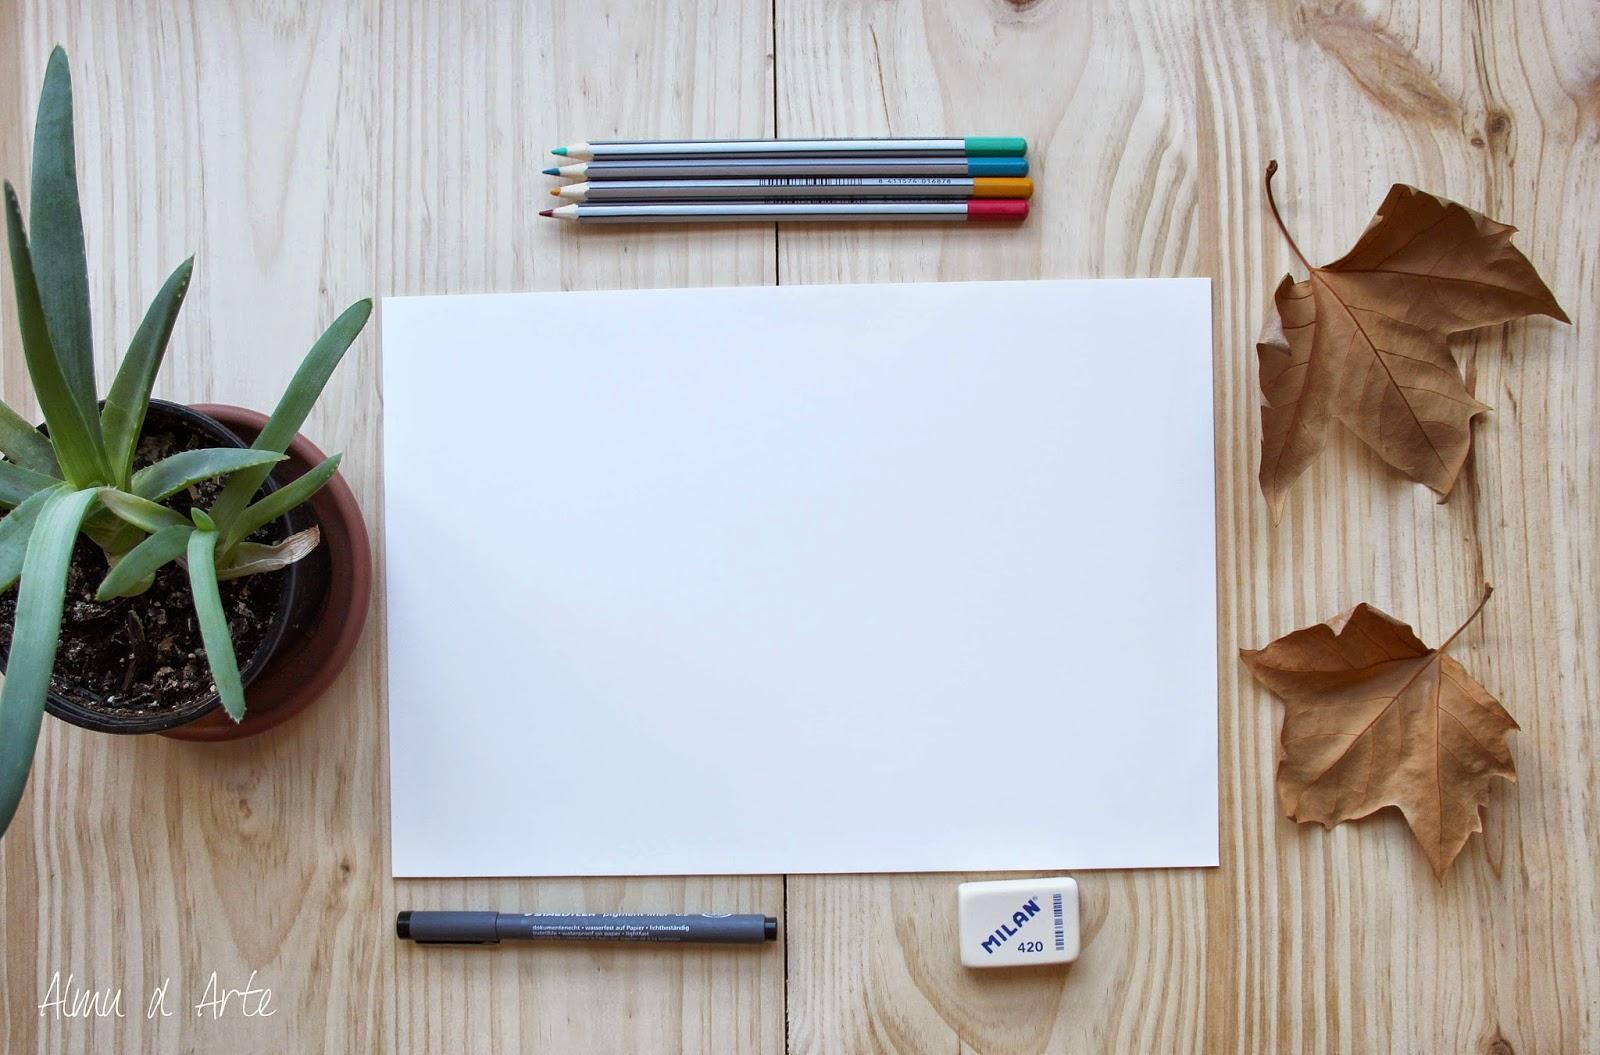 Materiales para dibujar